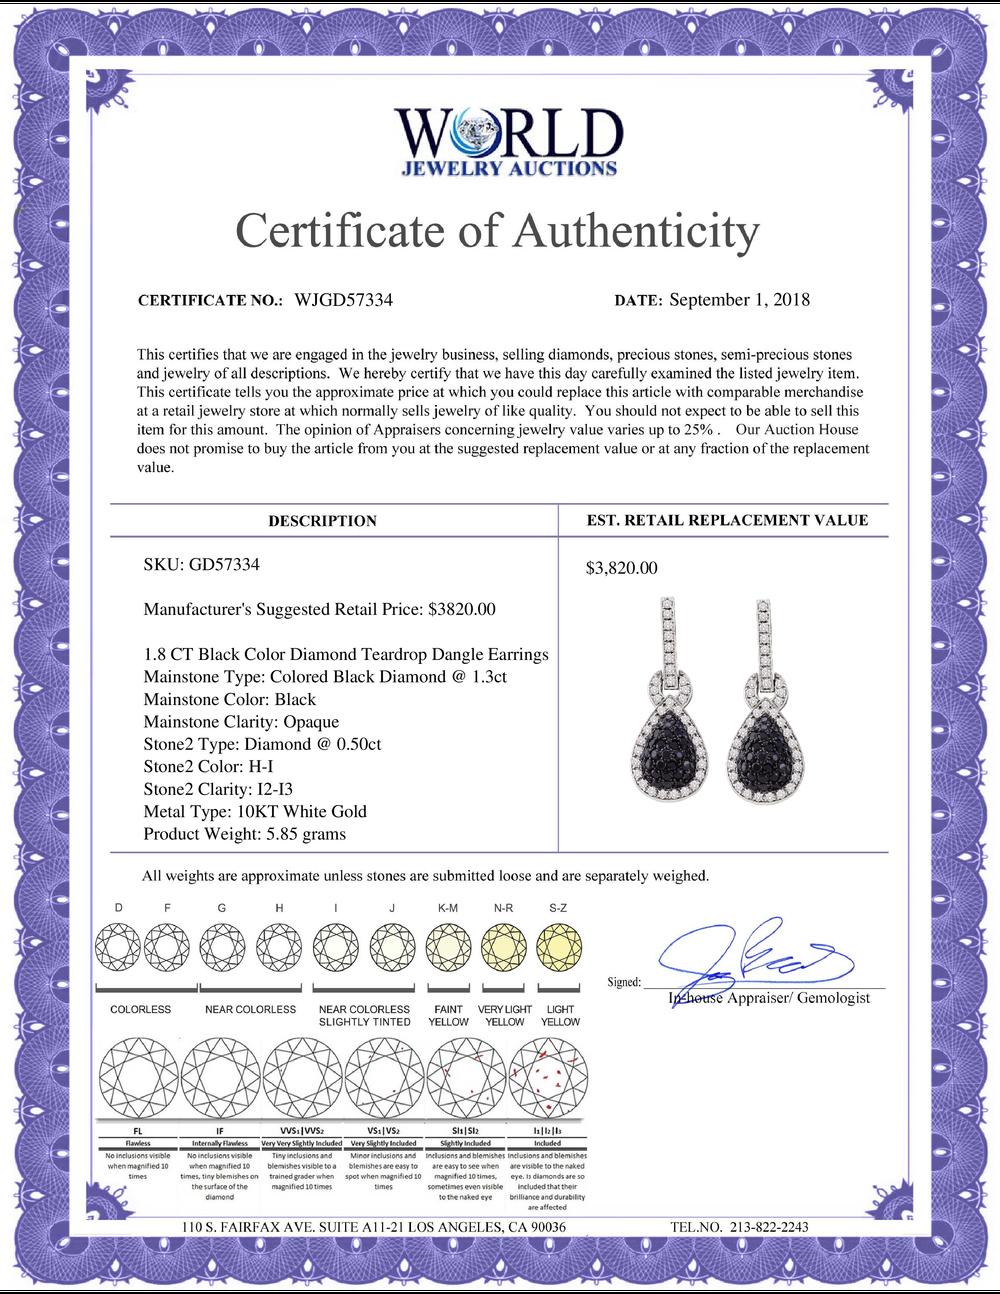 Lot 4100: 1.8 CTW Black Color Diamond Teardrop Dangle Earrings 10KT White Gold - REF-97X4Y